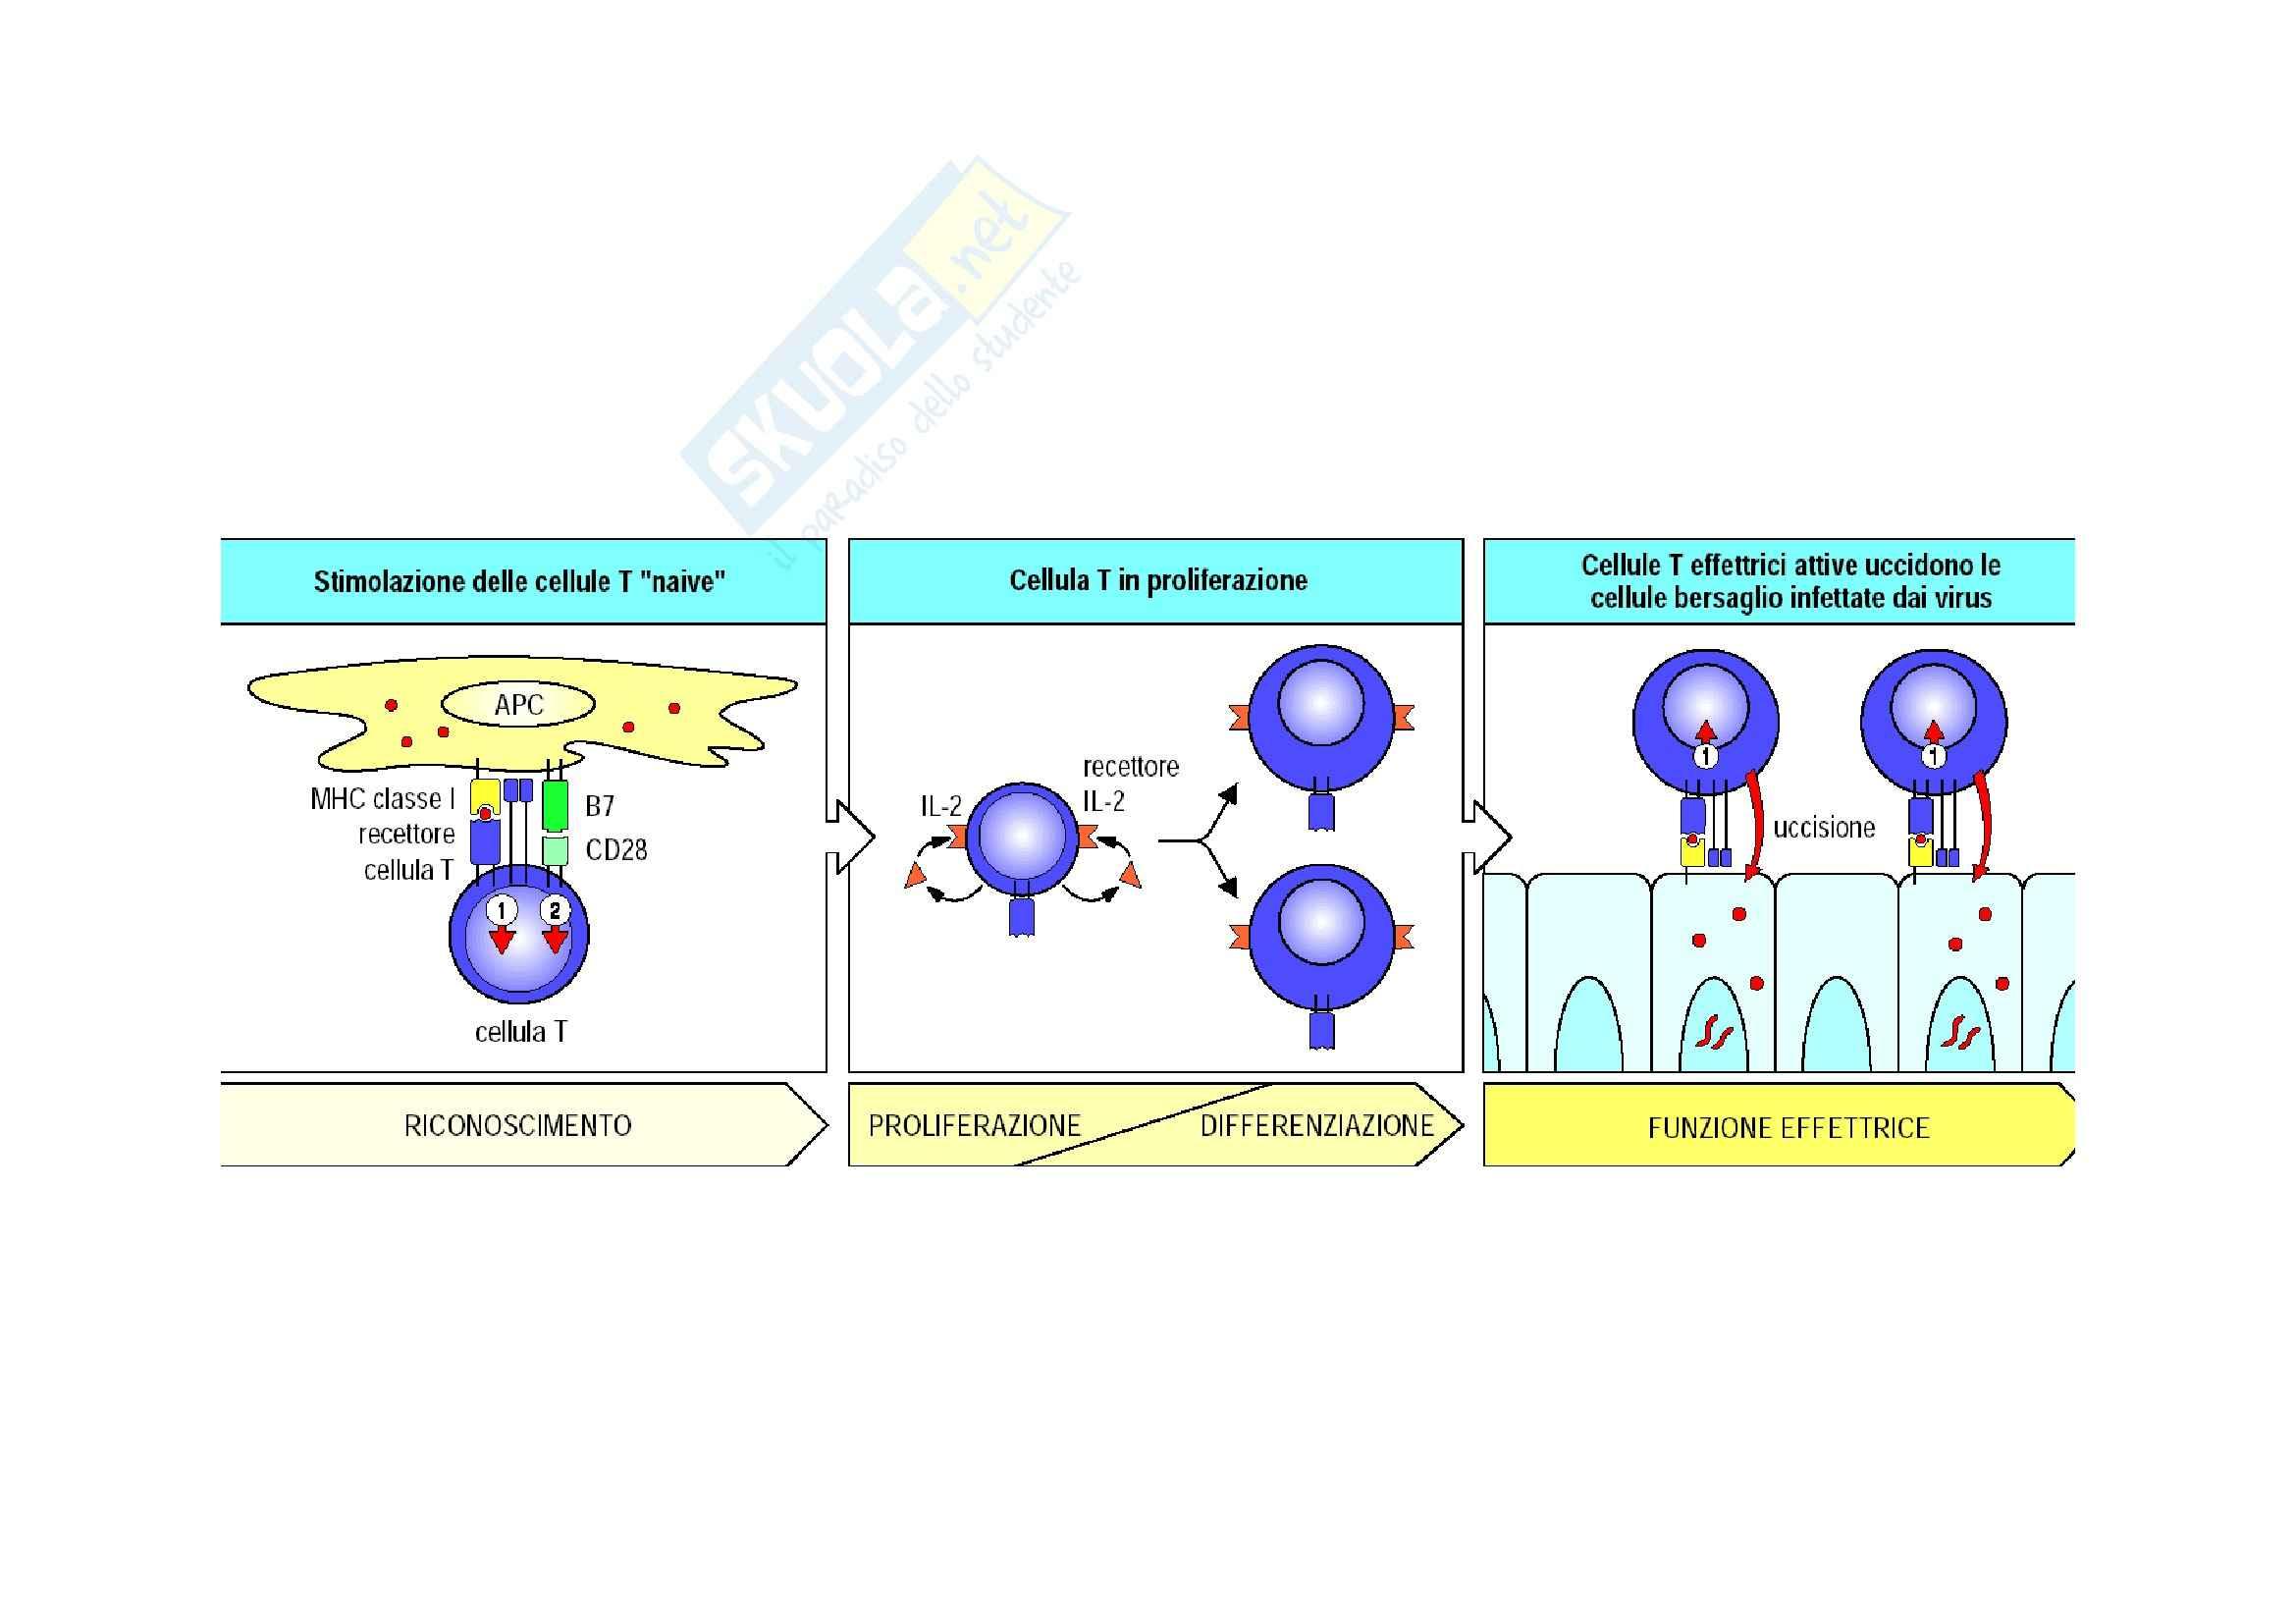 Immunologia - proprietà delle cellule T effettrici Pag. 2